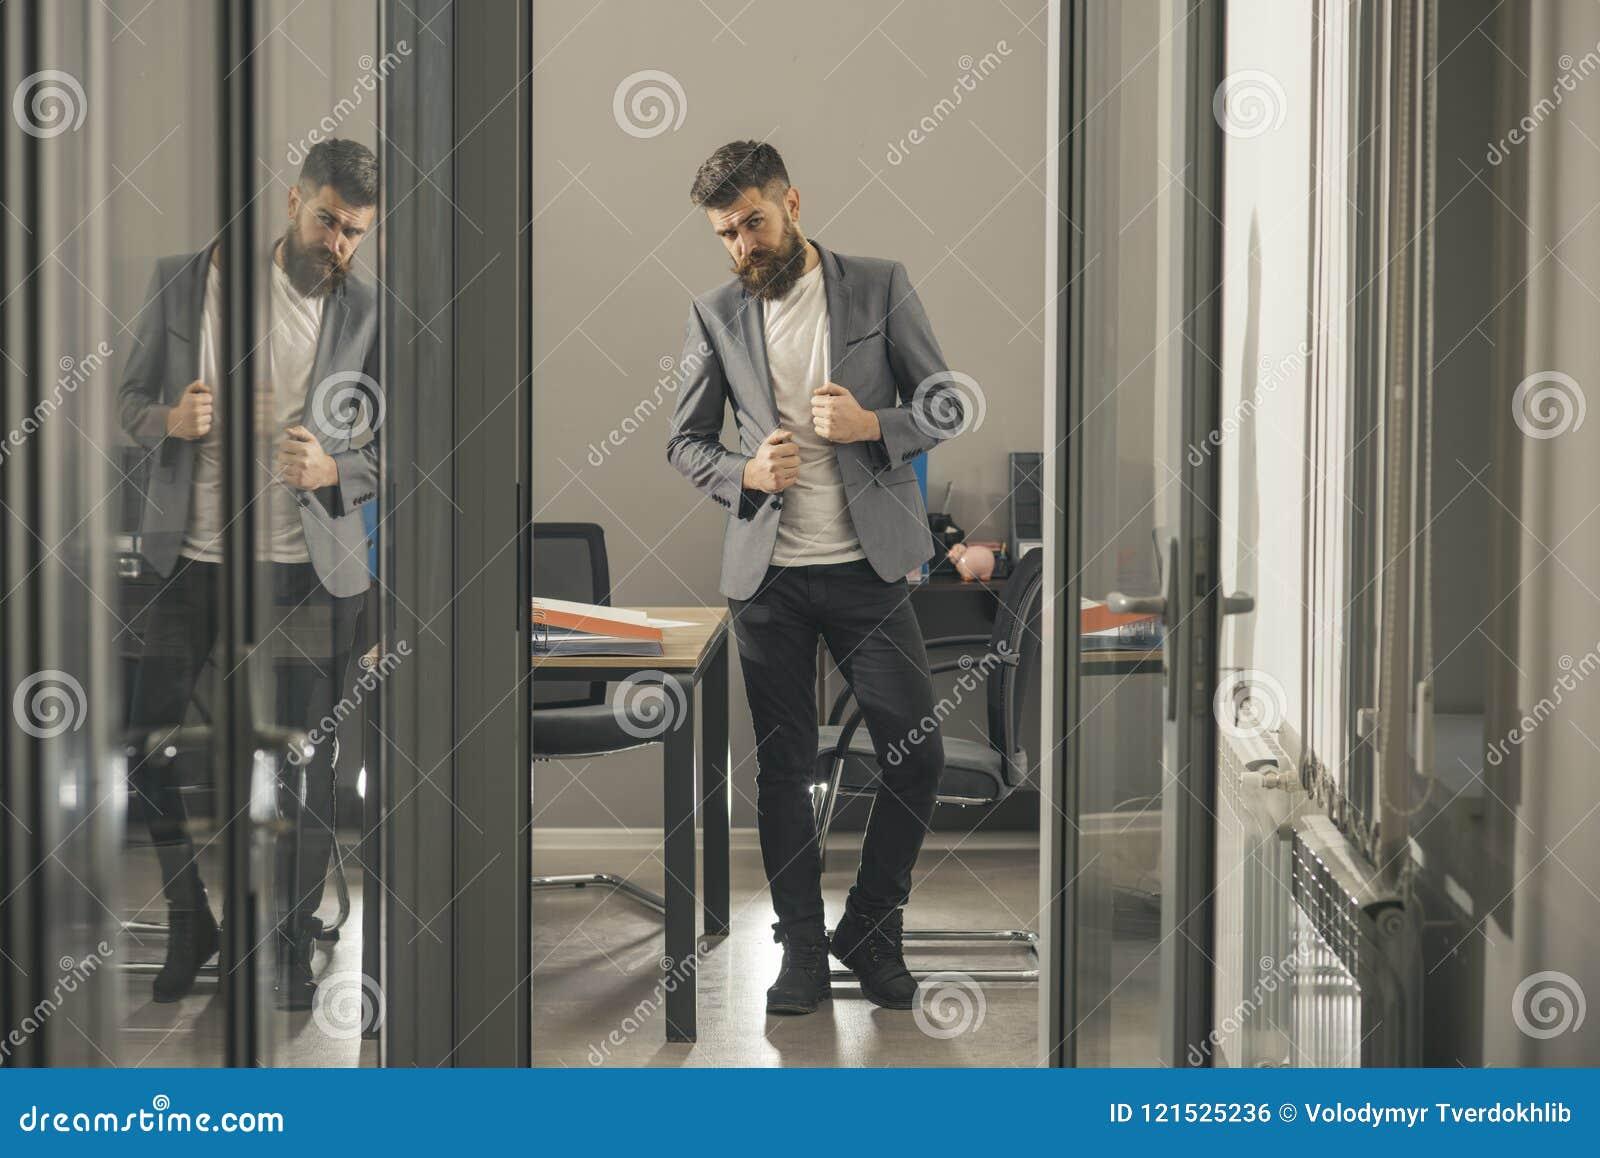 Το γενειοφόρο άτομο φαίνεται έξω πόρτα γραφείων Γενειοφόρο άτομο στο σύγχρονο γραφείο με τους τοίχους γυαλιού, επιχειρησιακός τρό